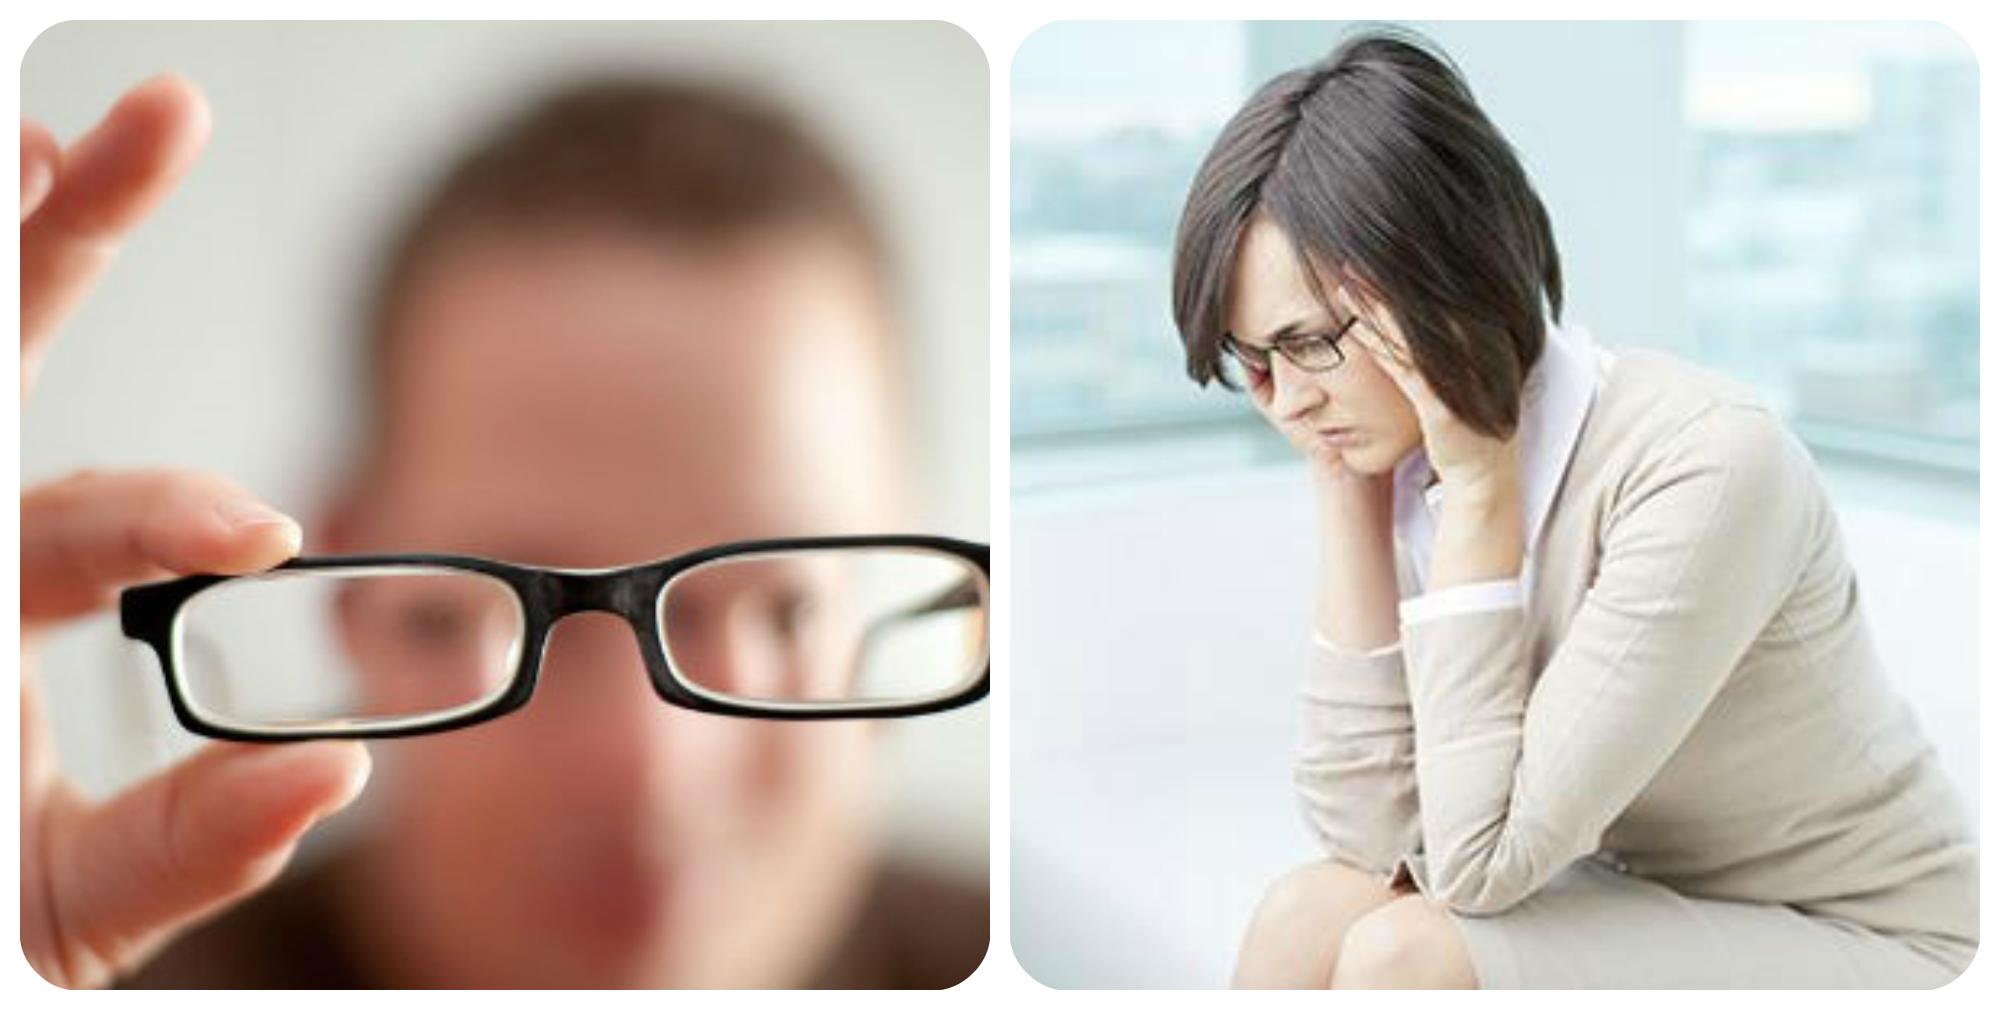 плохое зрение, головная боль